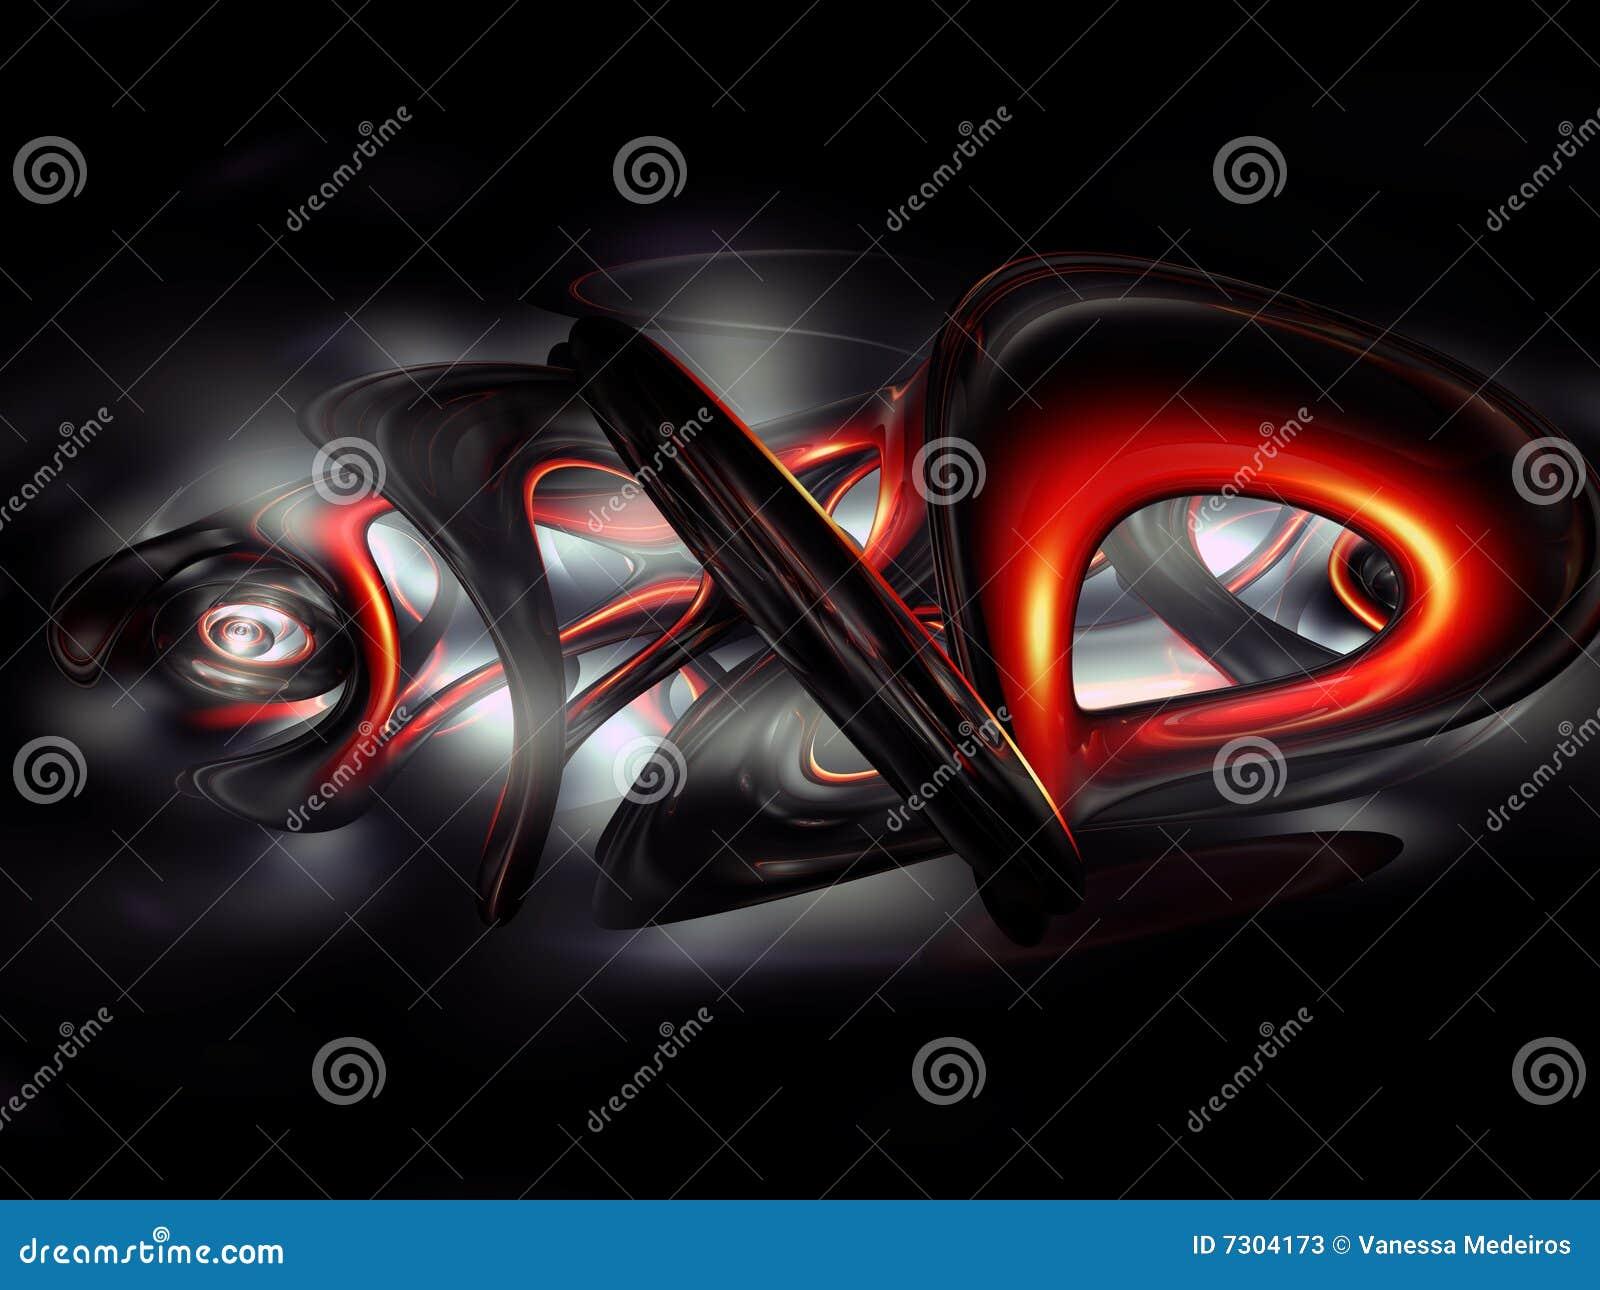 3d Abstract Graffiti Red Render Dark Gray Black Stock Illustration